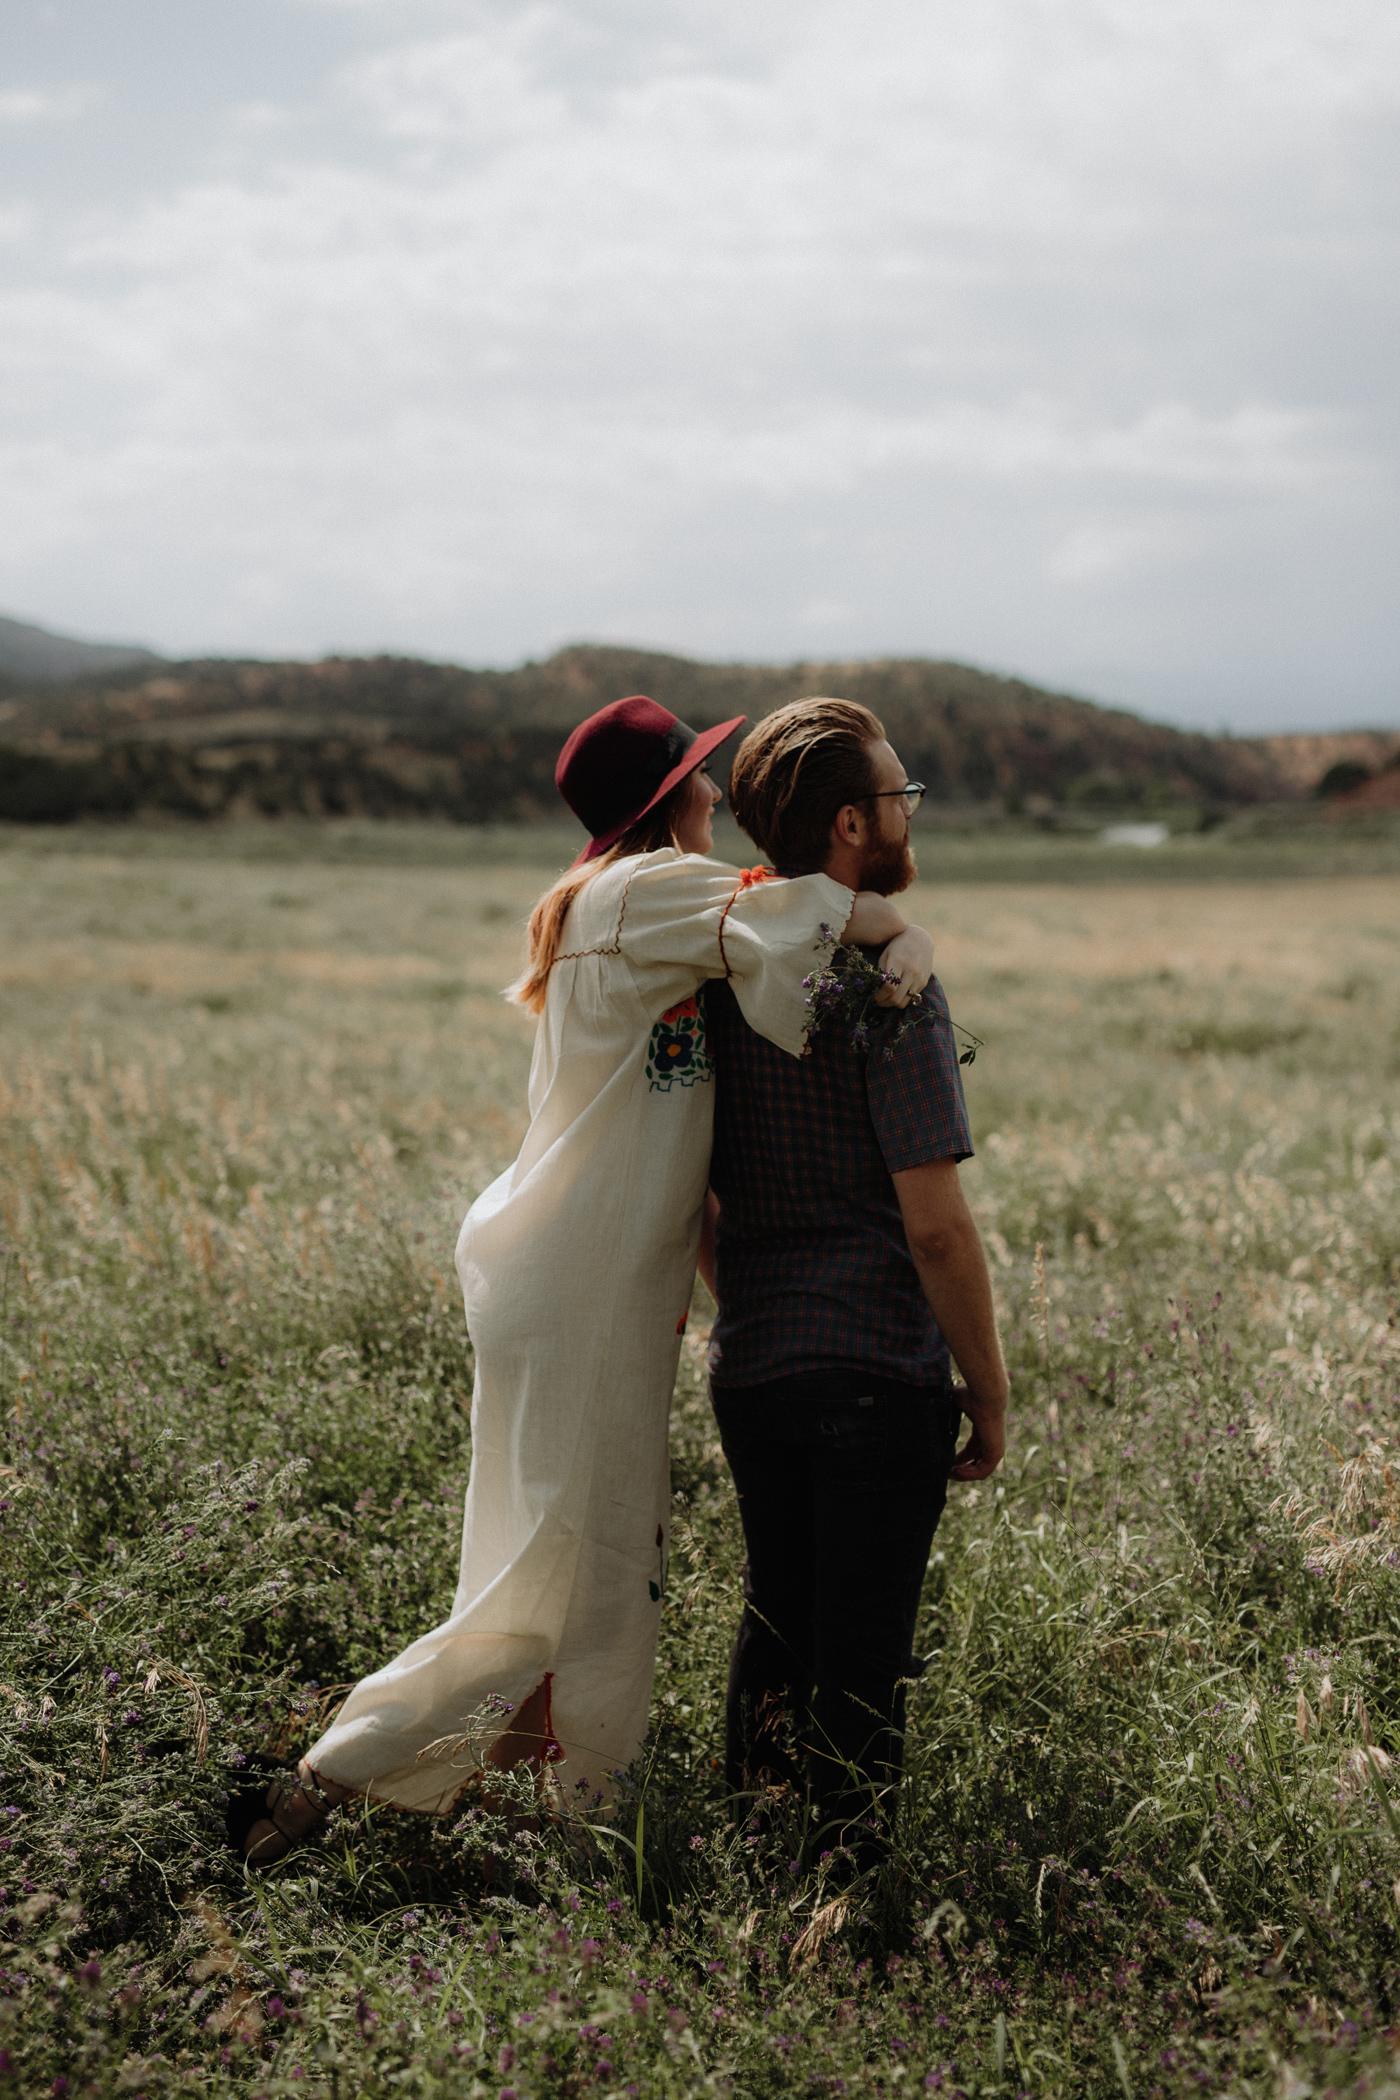 028-jones-max-colorado-ranch-engagement-photos.jpg